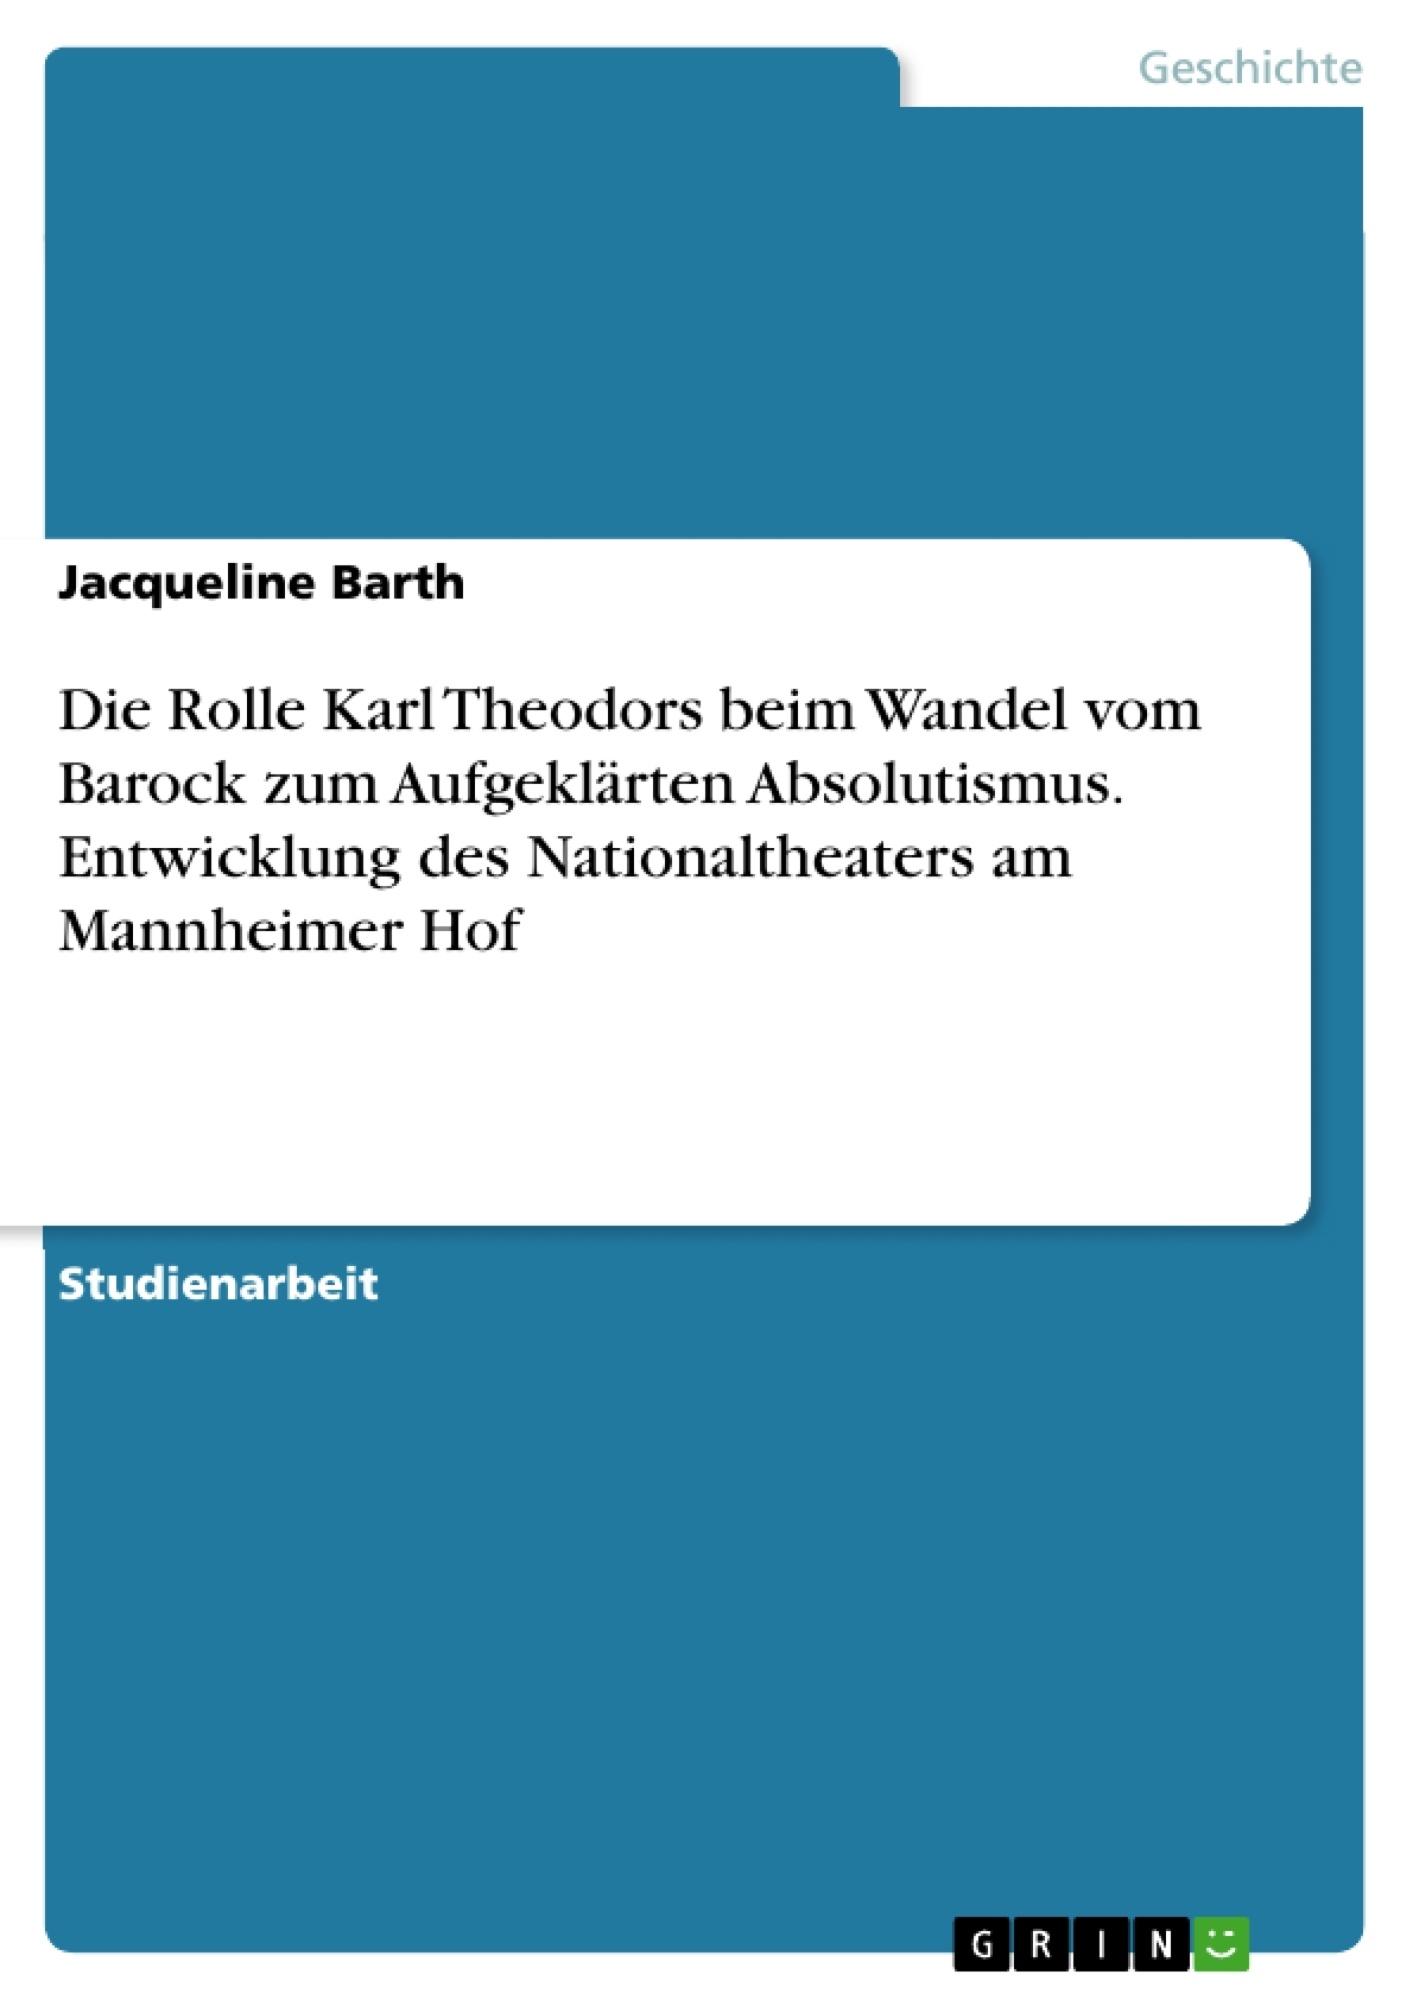 Titel: Die Rolle Karl Theodors beim Wandel vom Barock zum Aufgeklärten Absolutismus.   Entwicklung des Nationaltheaters am Mannheimer Hof